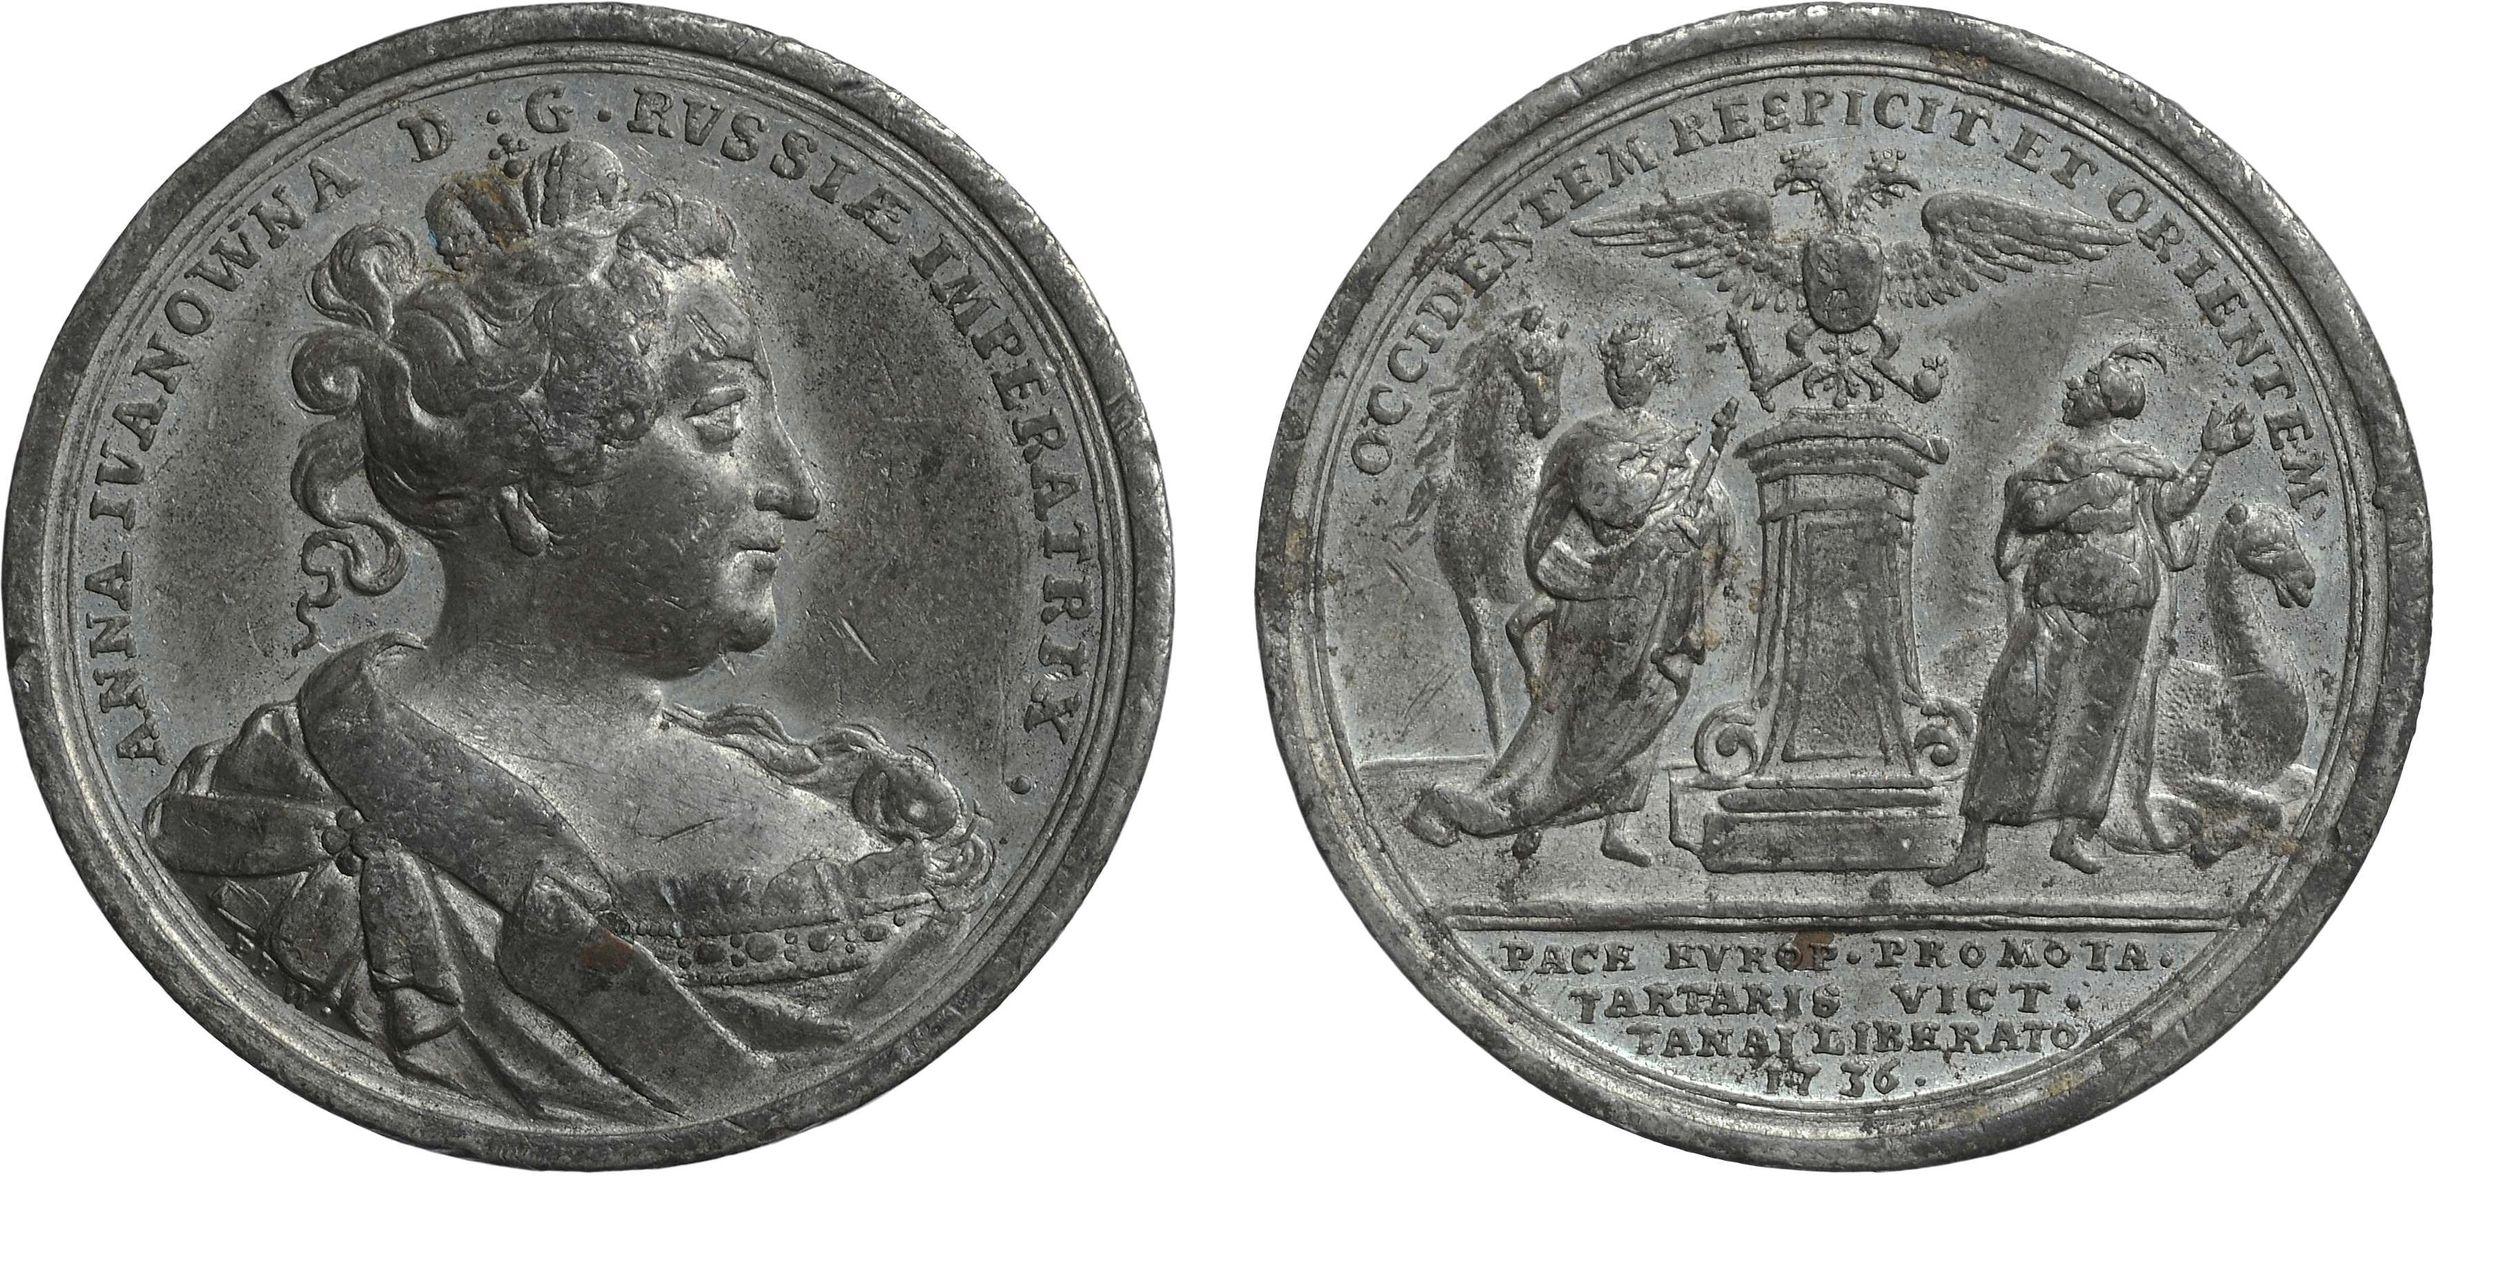 Настольная медаль «В память победы над турками при Азове. 1736 г.»